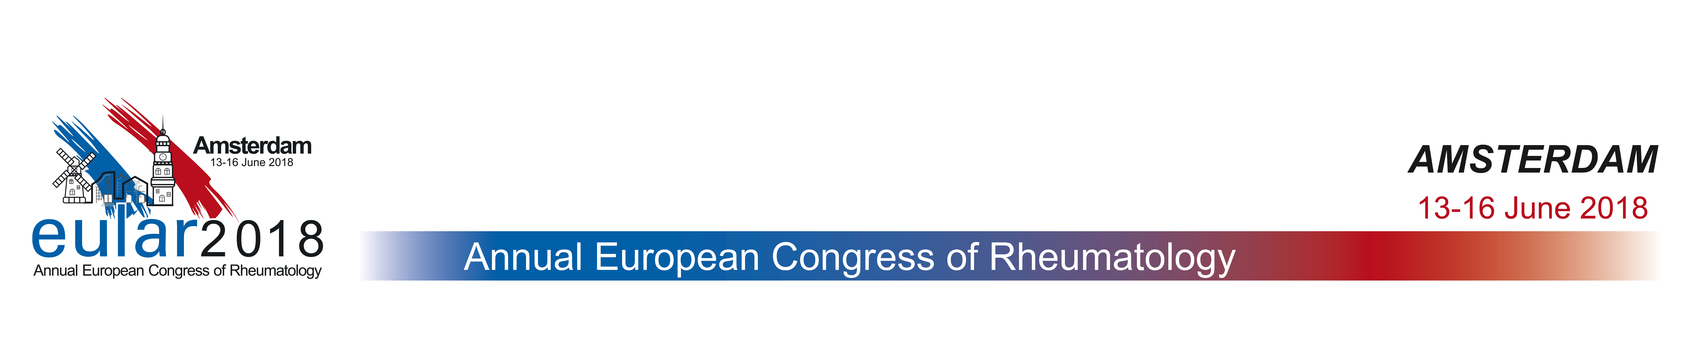 EULAR 2018 | eular